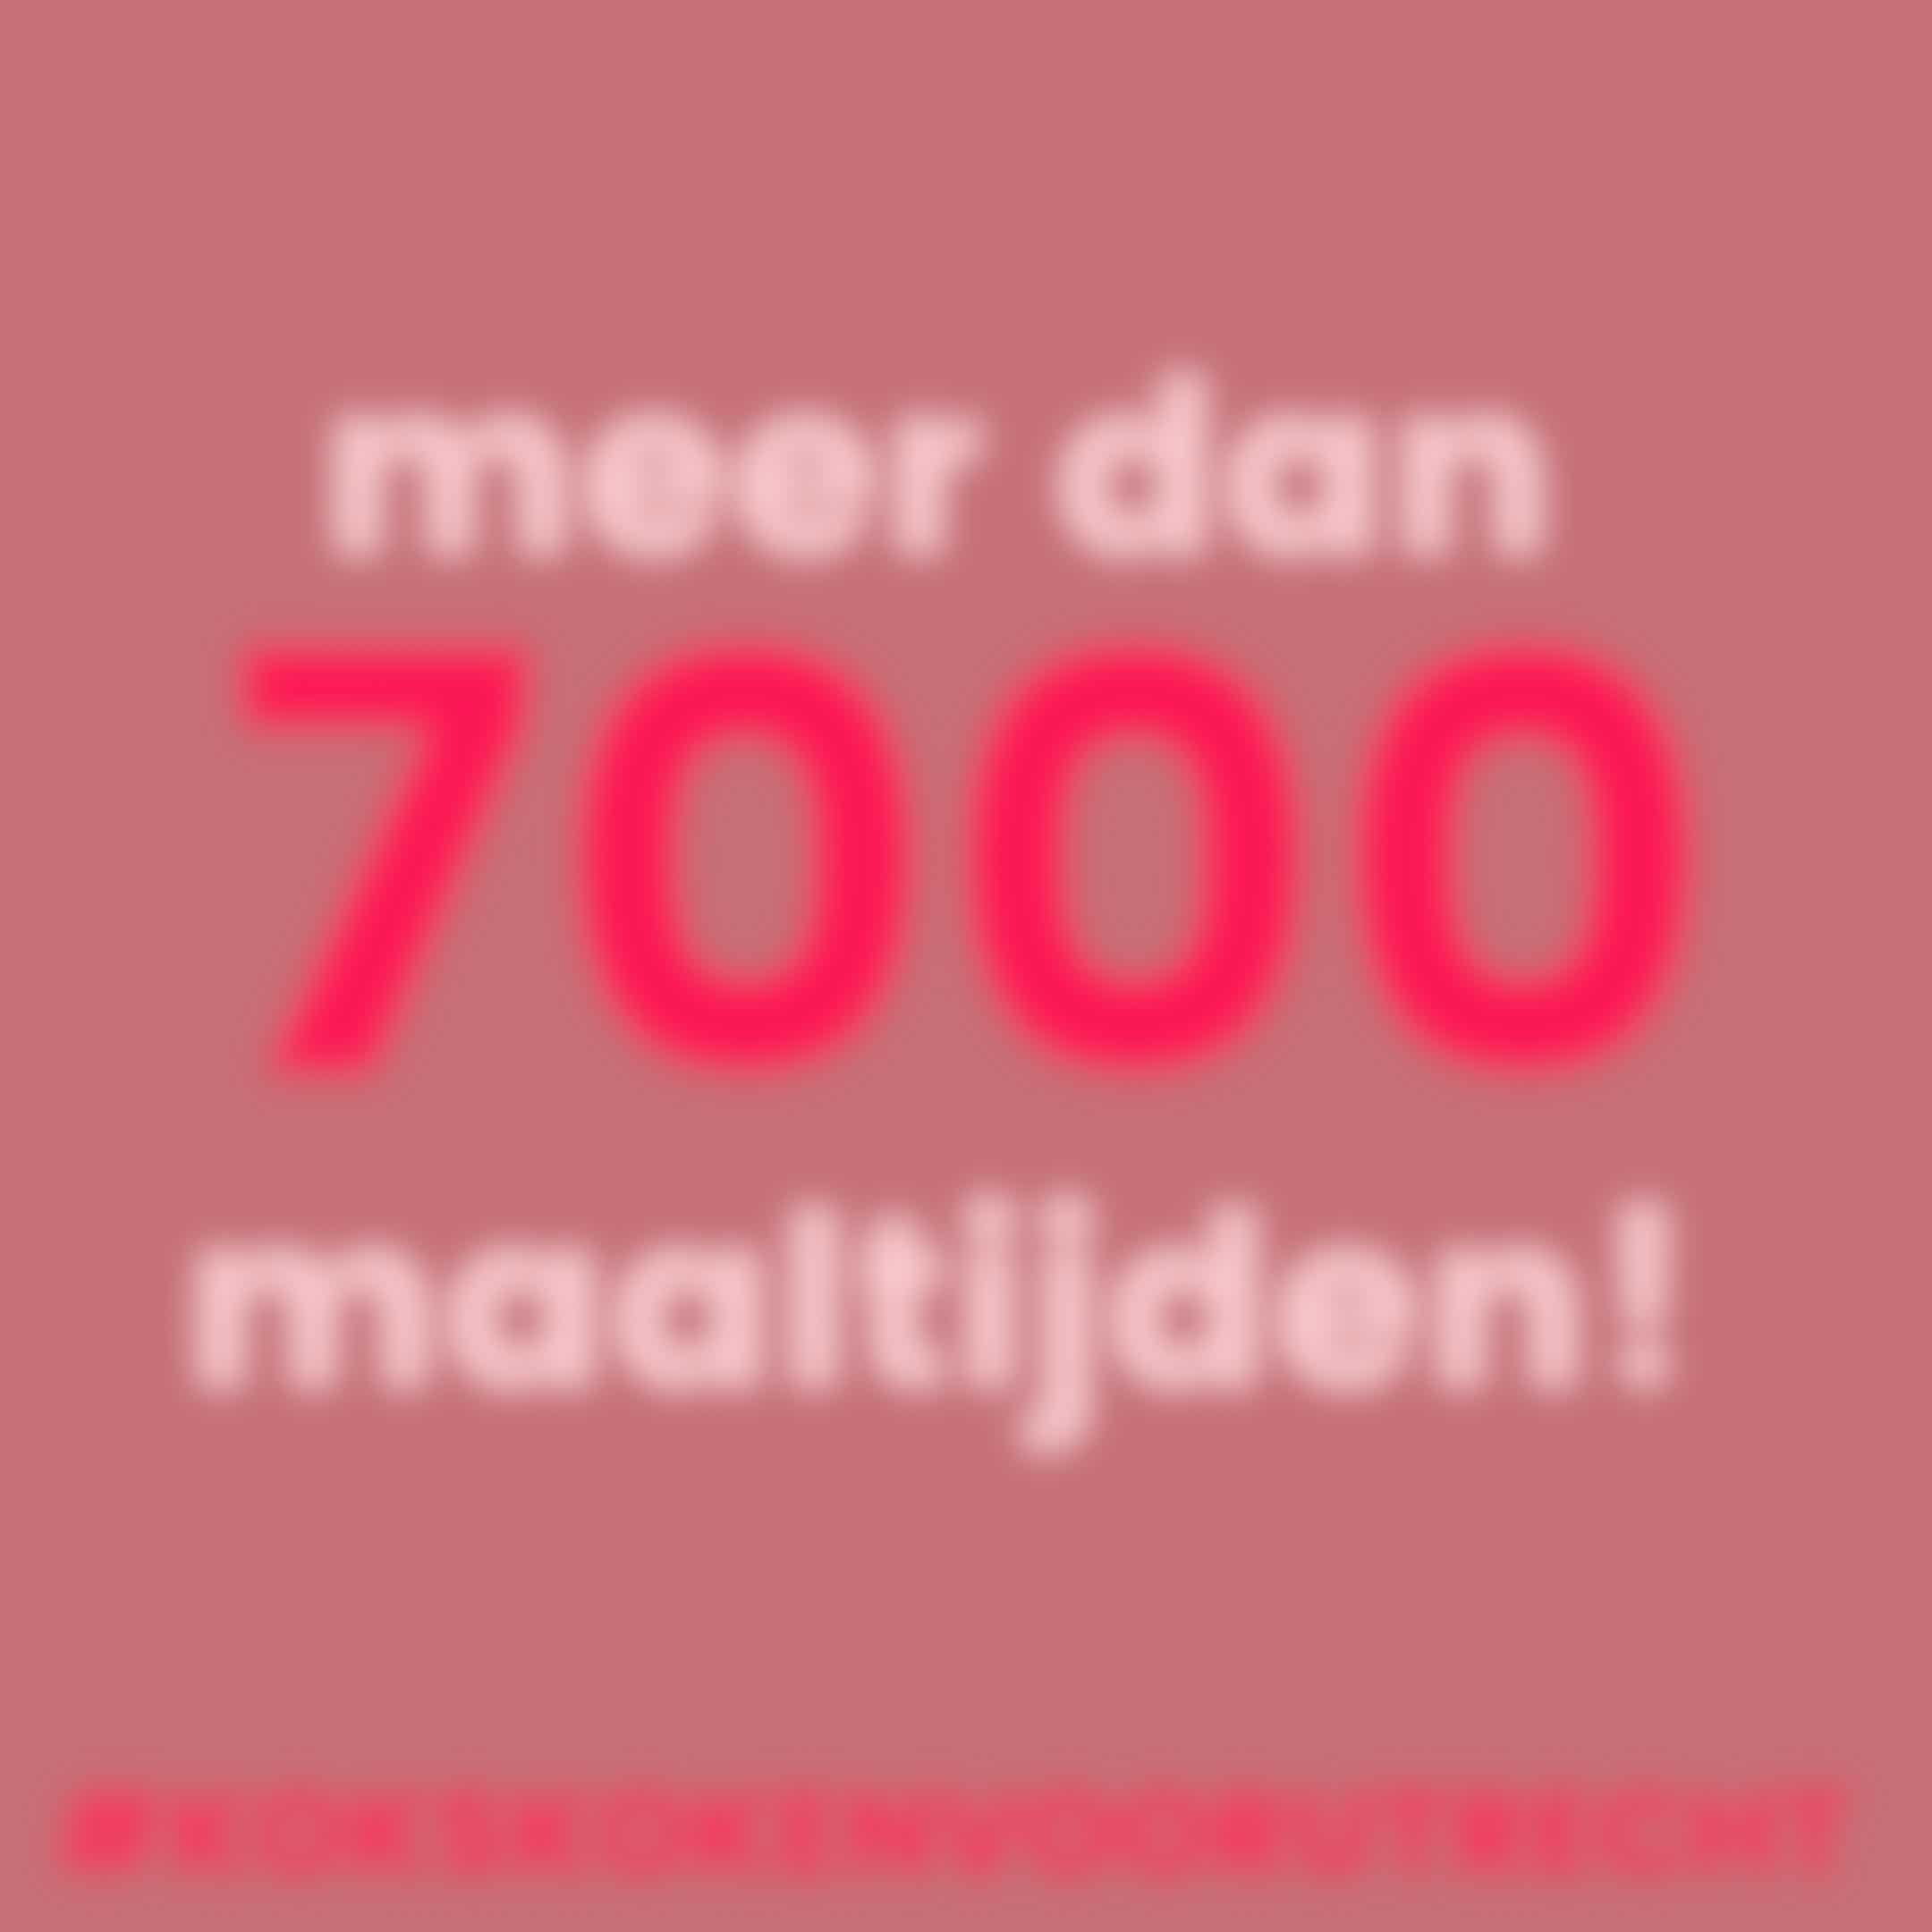 7000 maaltijden #kokskokenvoorutrecht